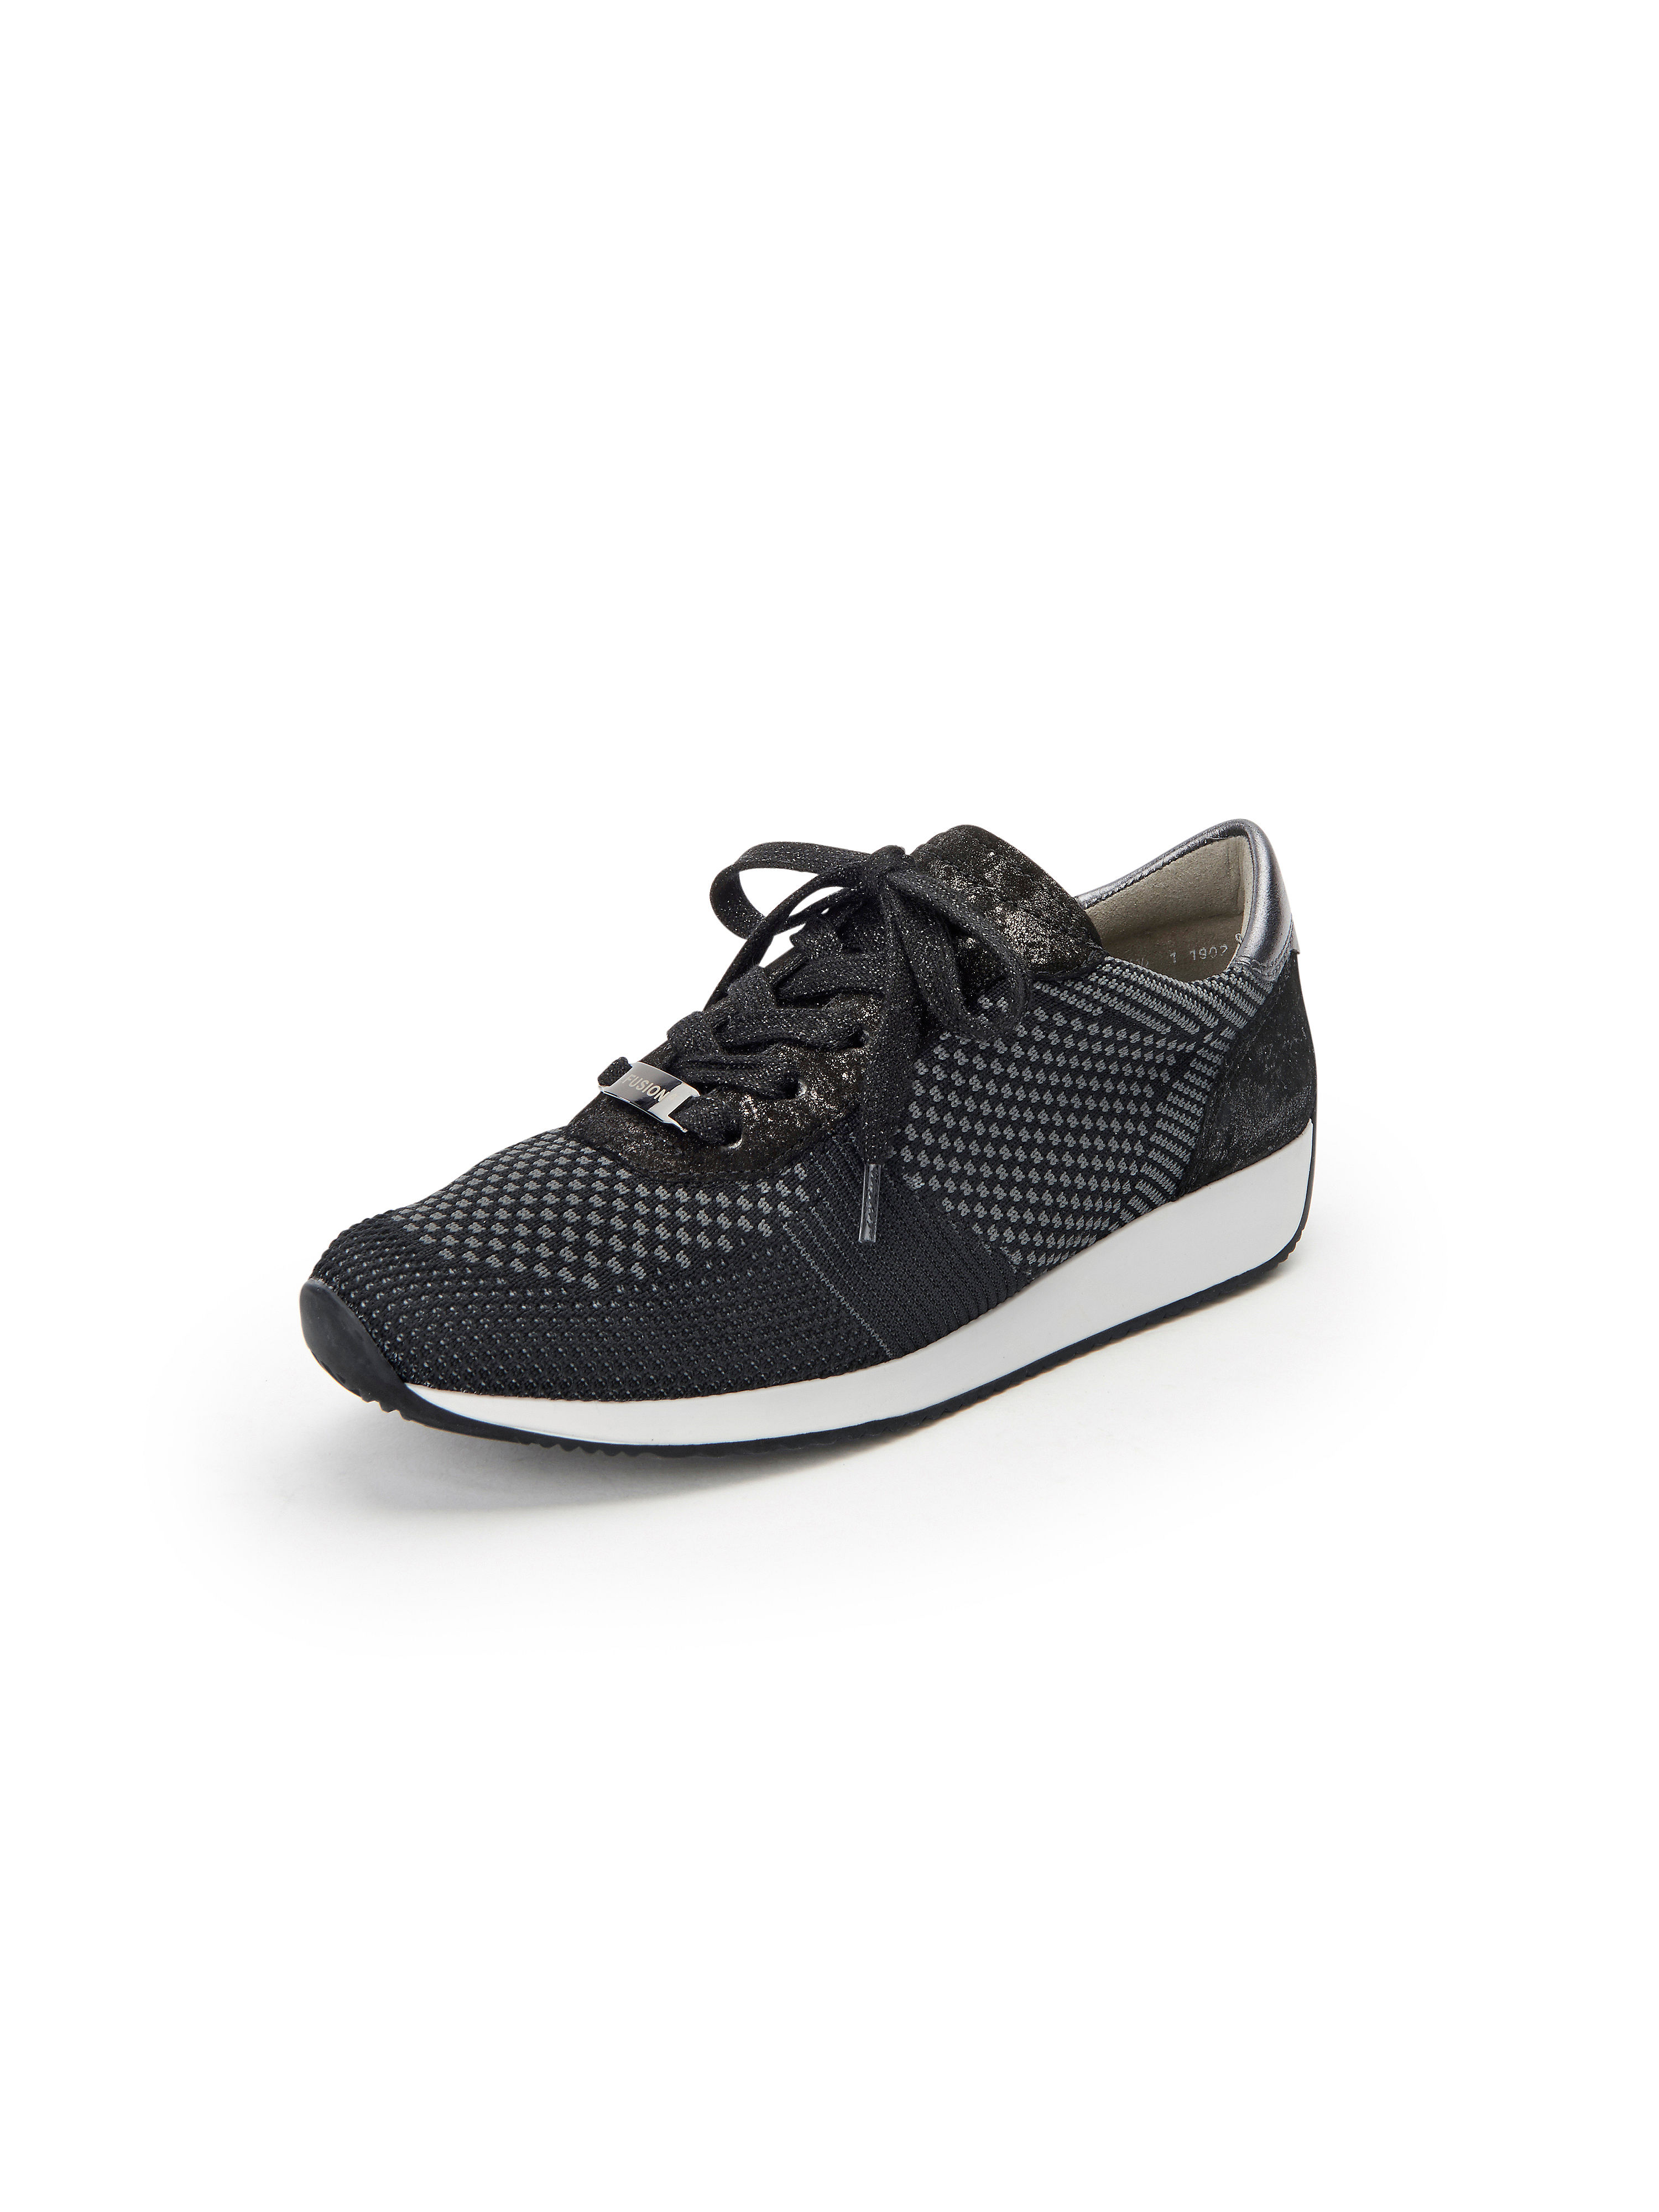 Sneakers Van zwart Verkoop Websites jHEZZRF